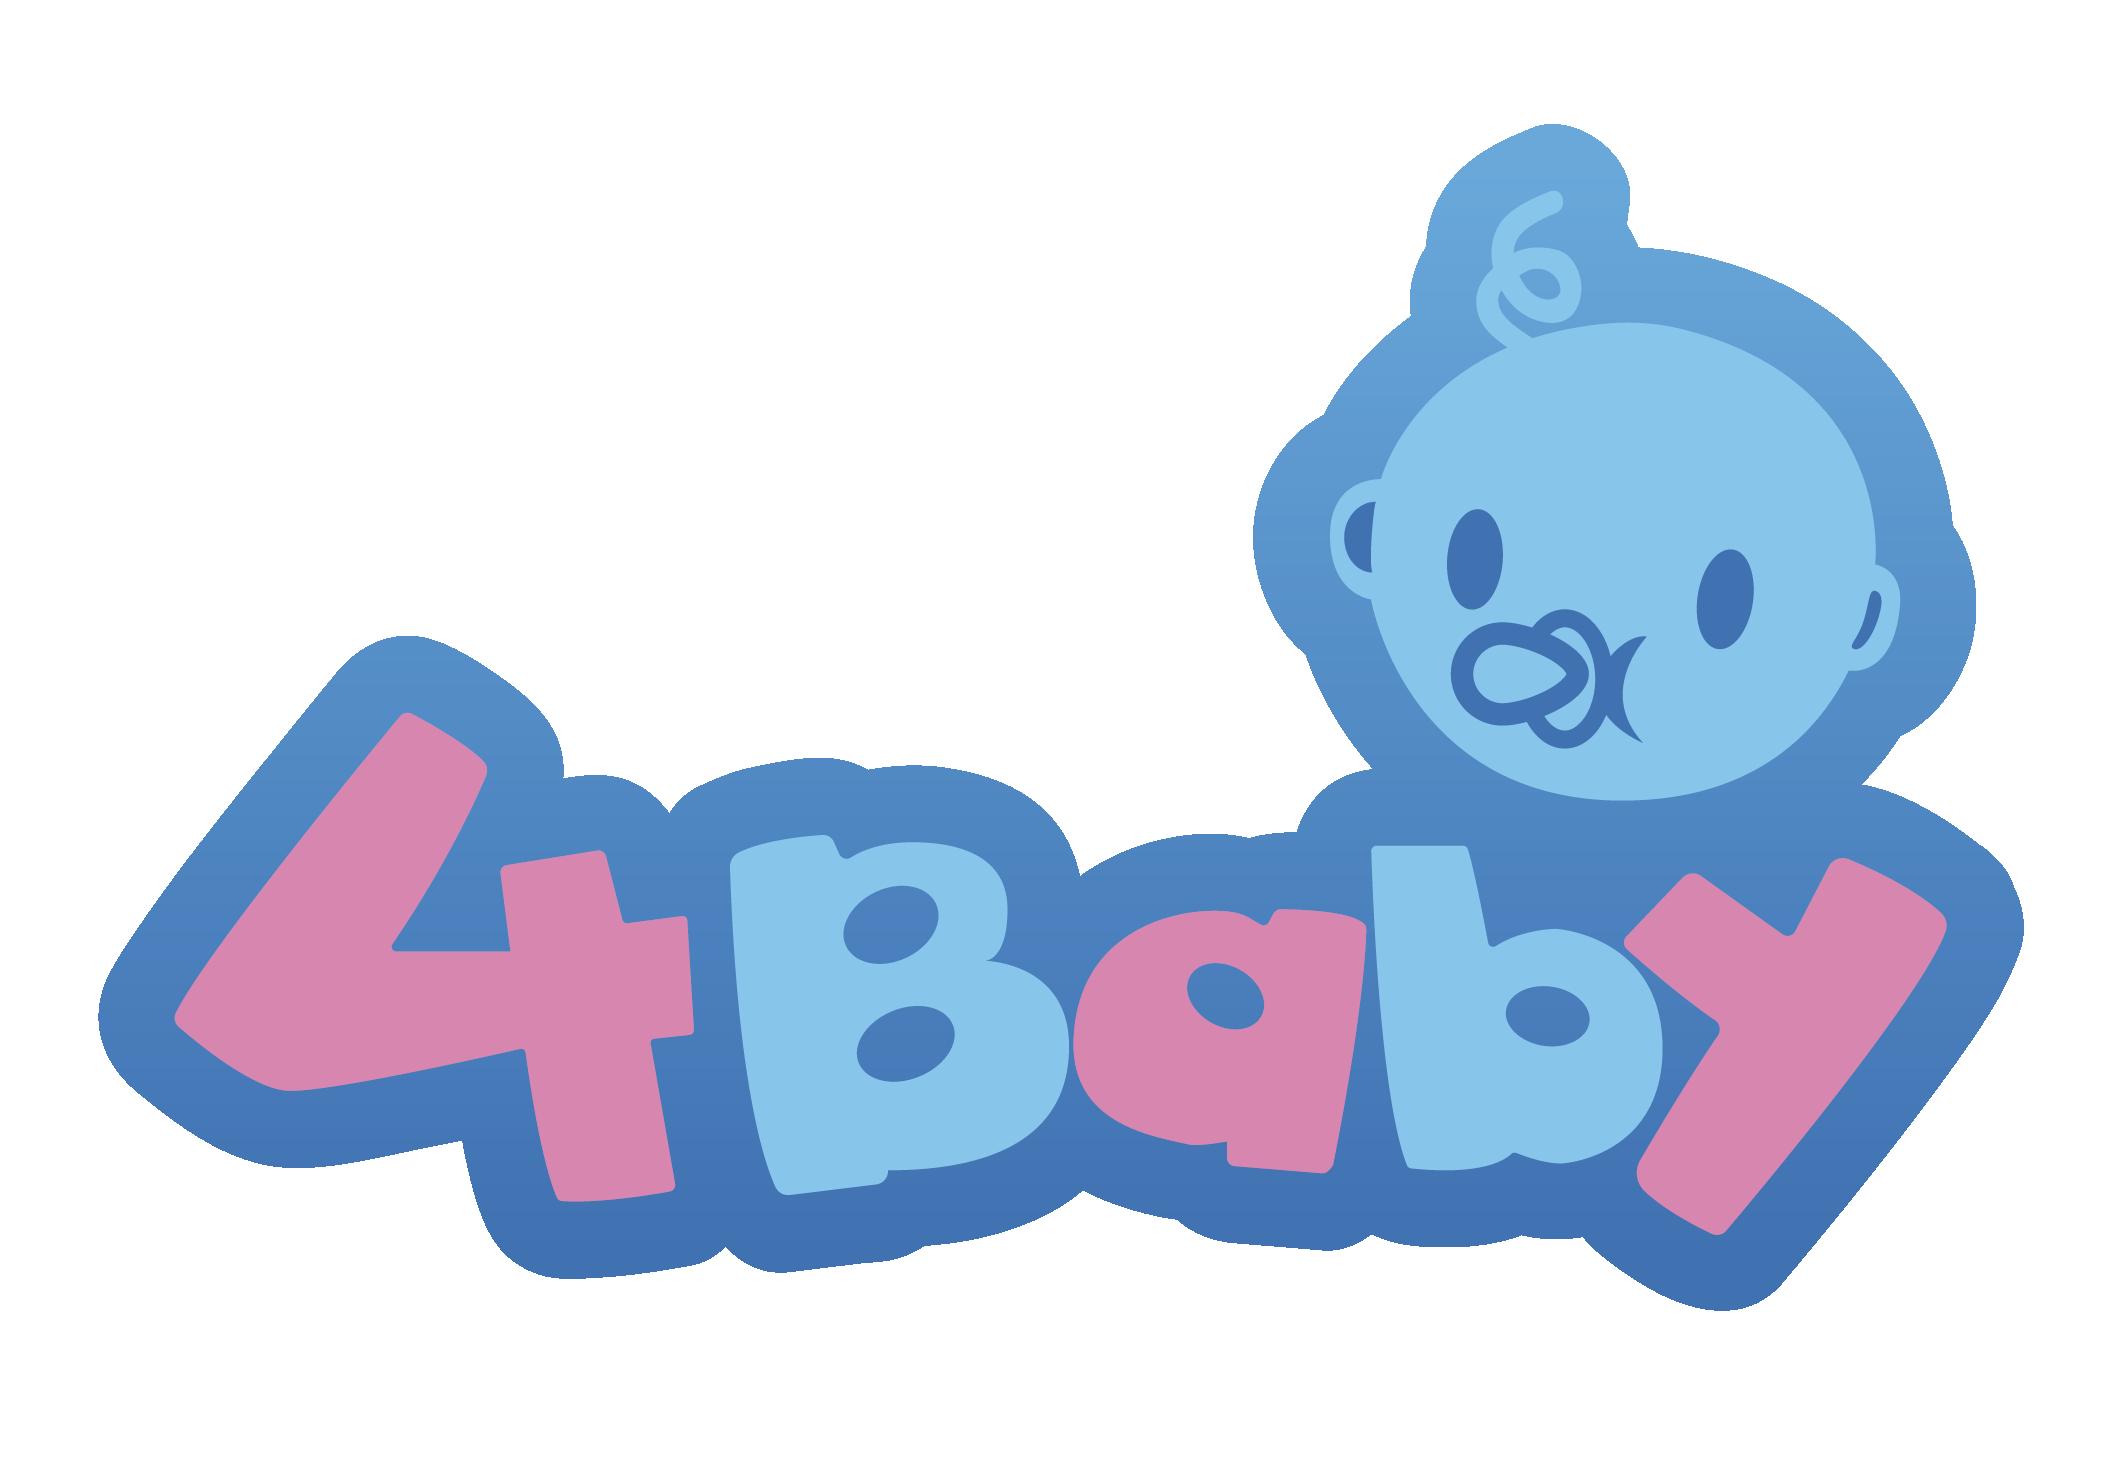 babylogo-01.png